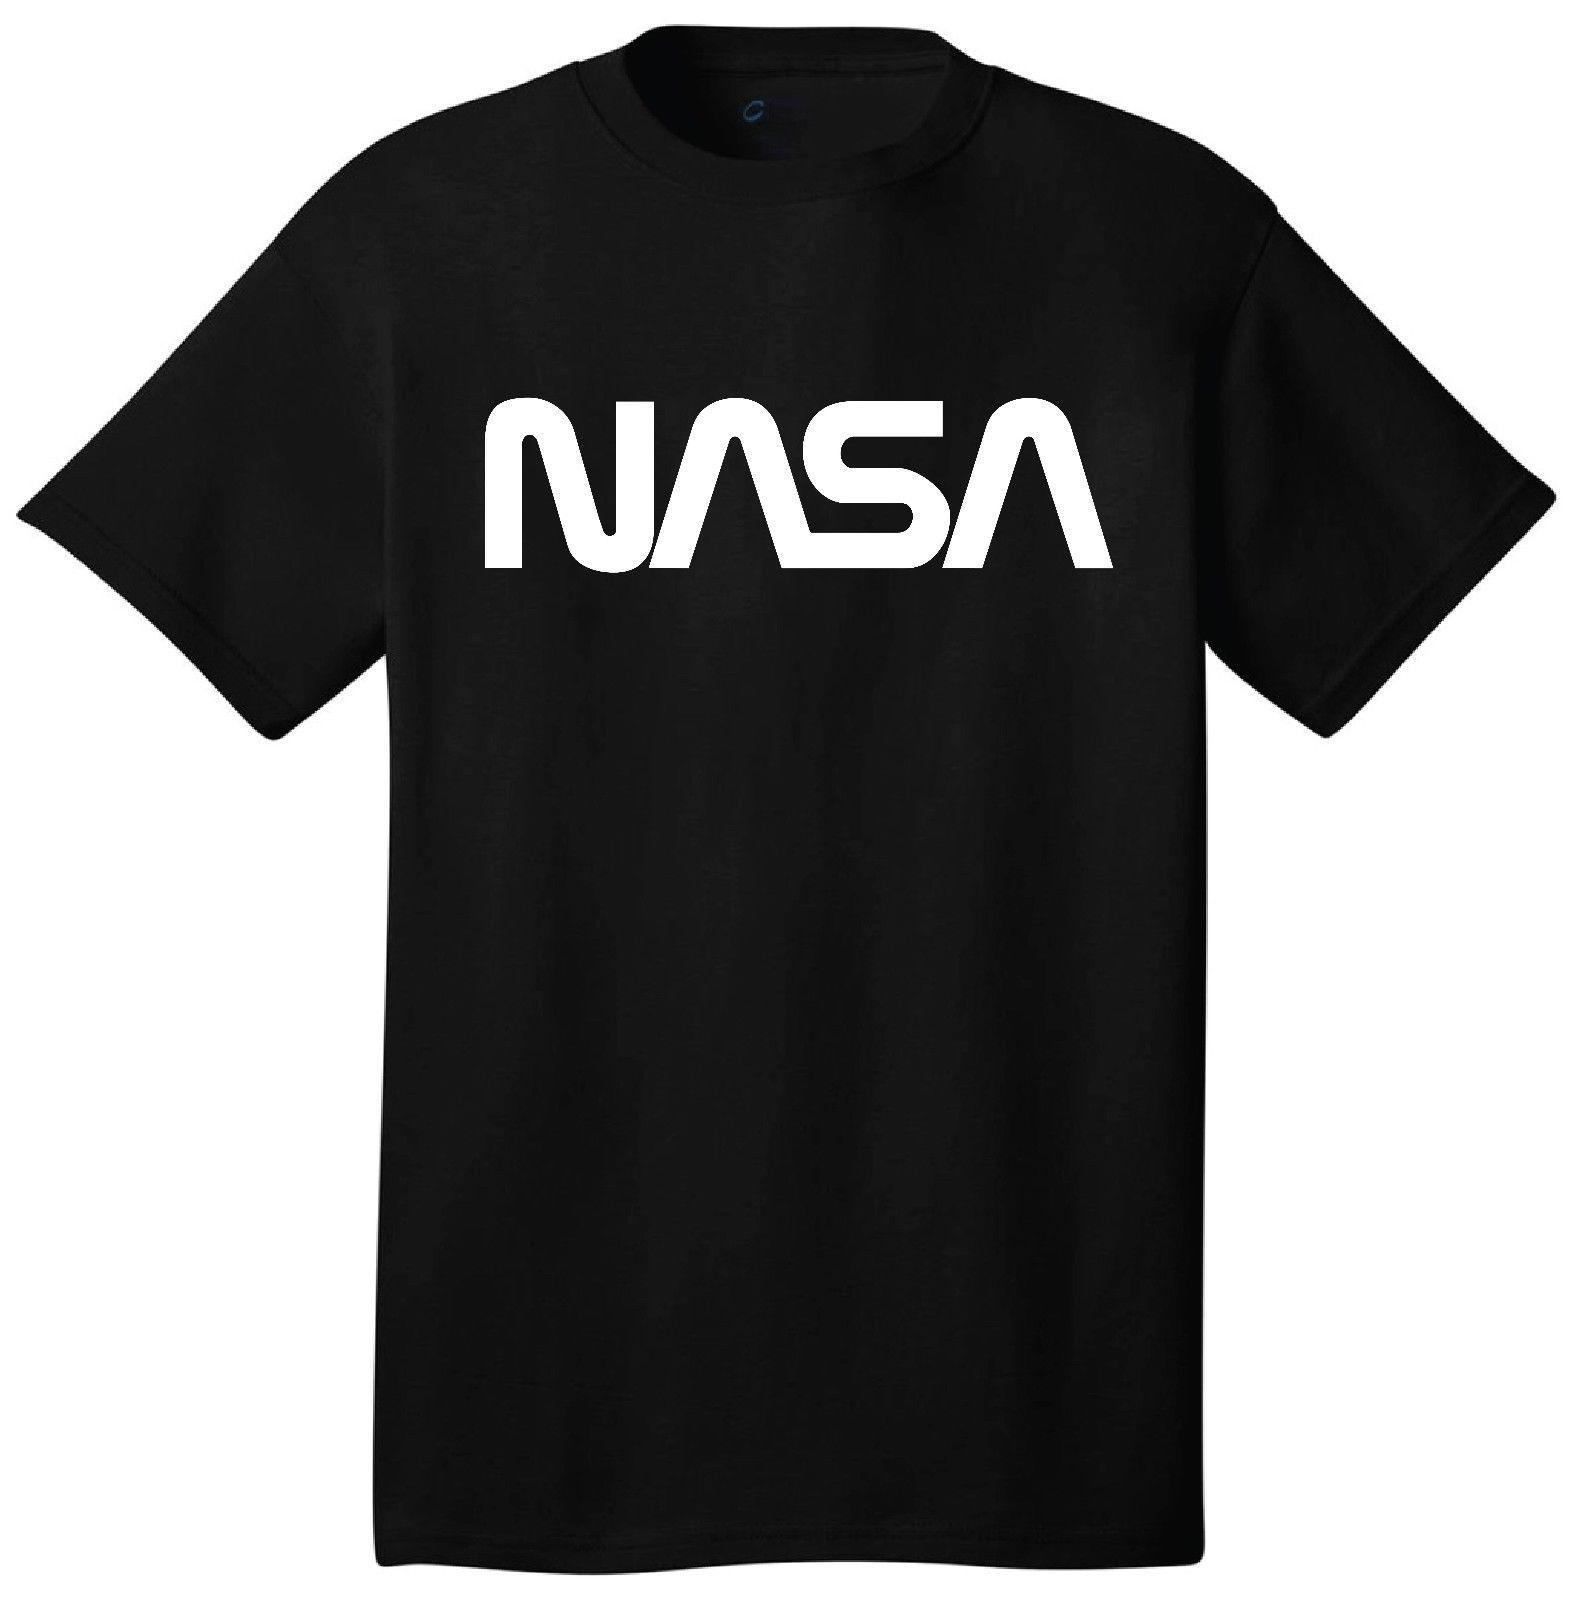 2de584cef28 Compre Logotipo De La NASA Camiseta De Manga Corta Espacio Exterior  Astronauta Retro Años 60 Años 70 Estilo Divertido Envío Gratis Camiseta  Unisex A $12.96 ...